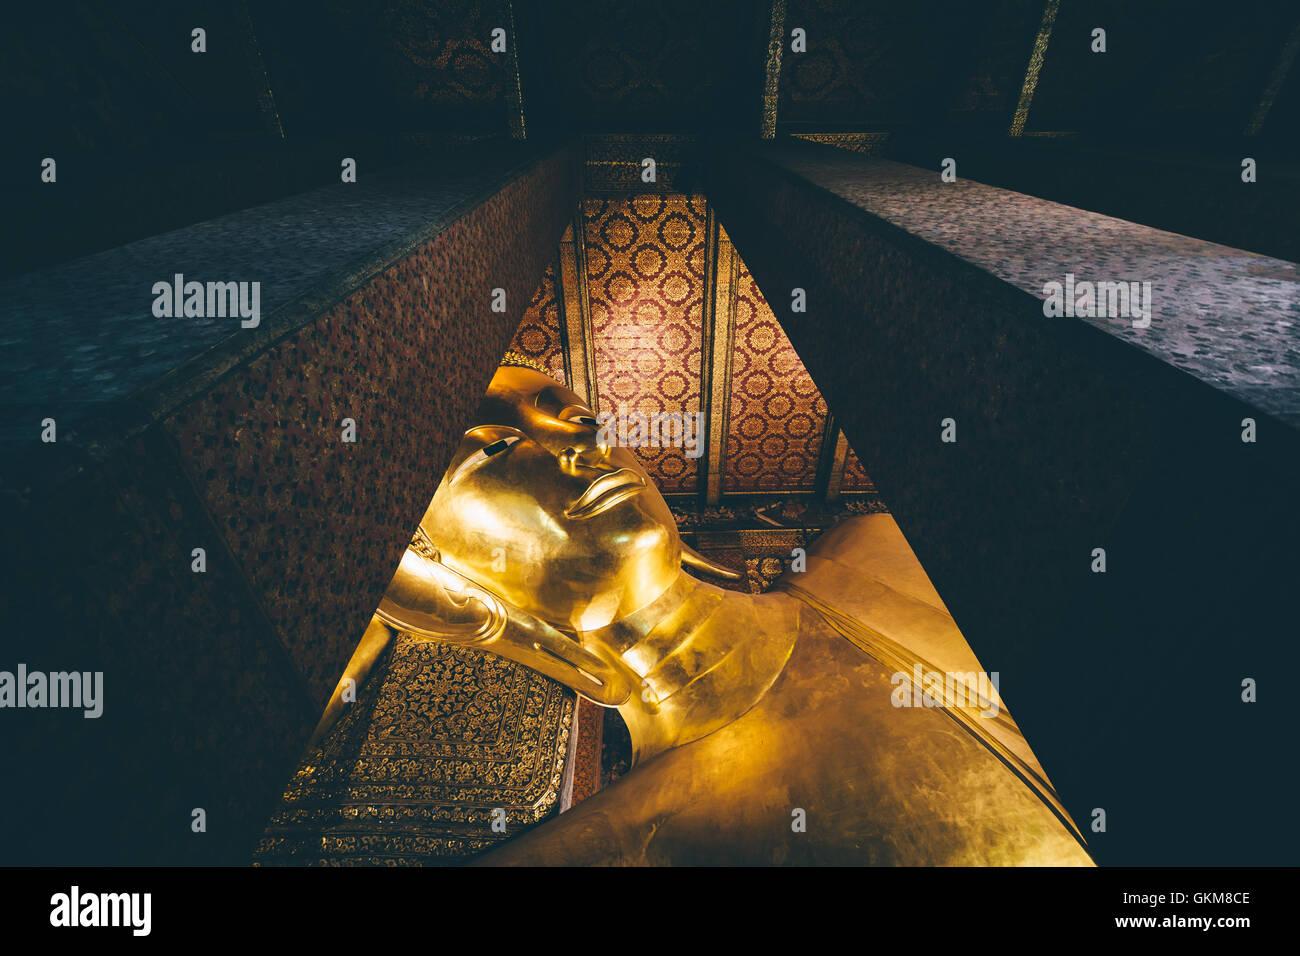 The Reclining Buddah, at Wat Pho, in Bangkok, Thailand. - Stock Image